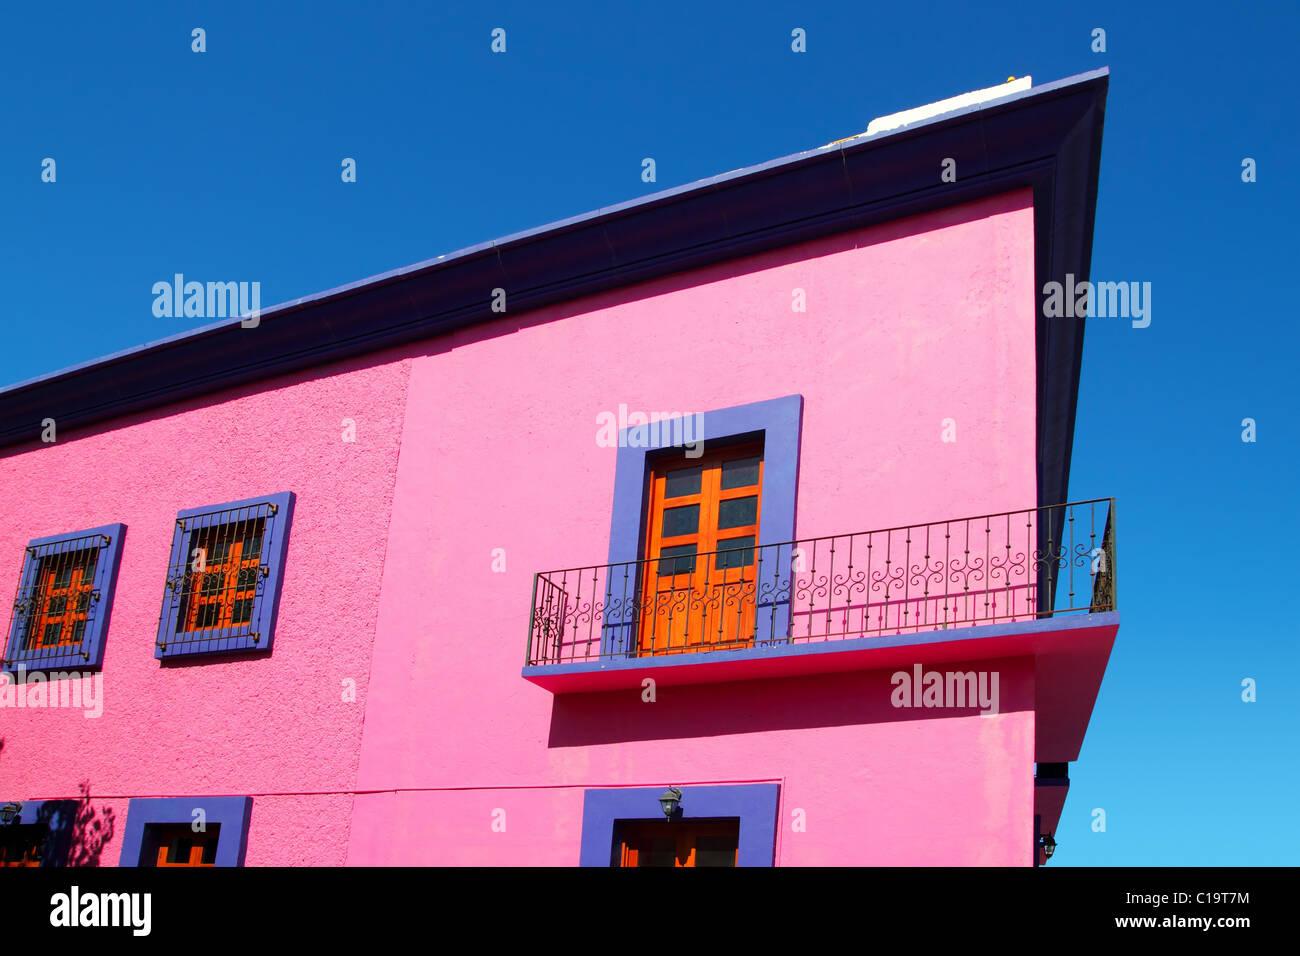 Messicano casa rosa facciata dettaglio porte in legno Immagini Stock